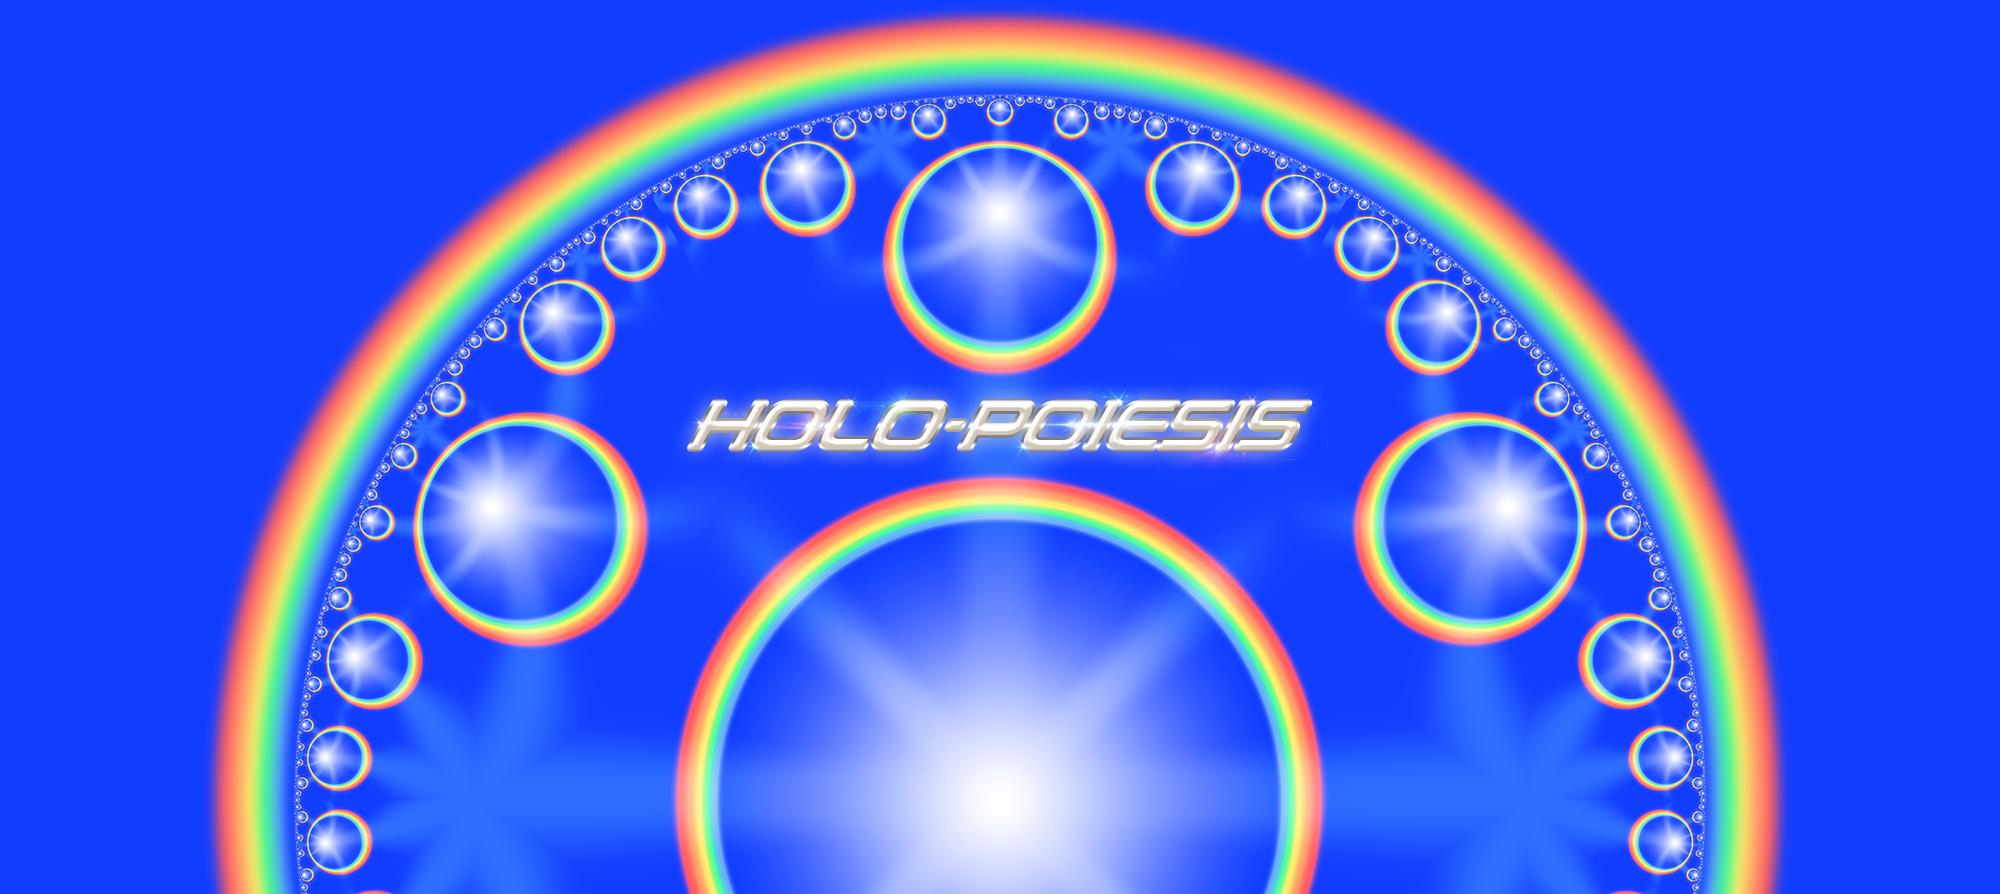 HOLO-POIESIS